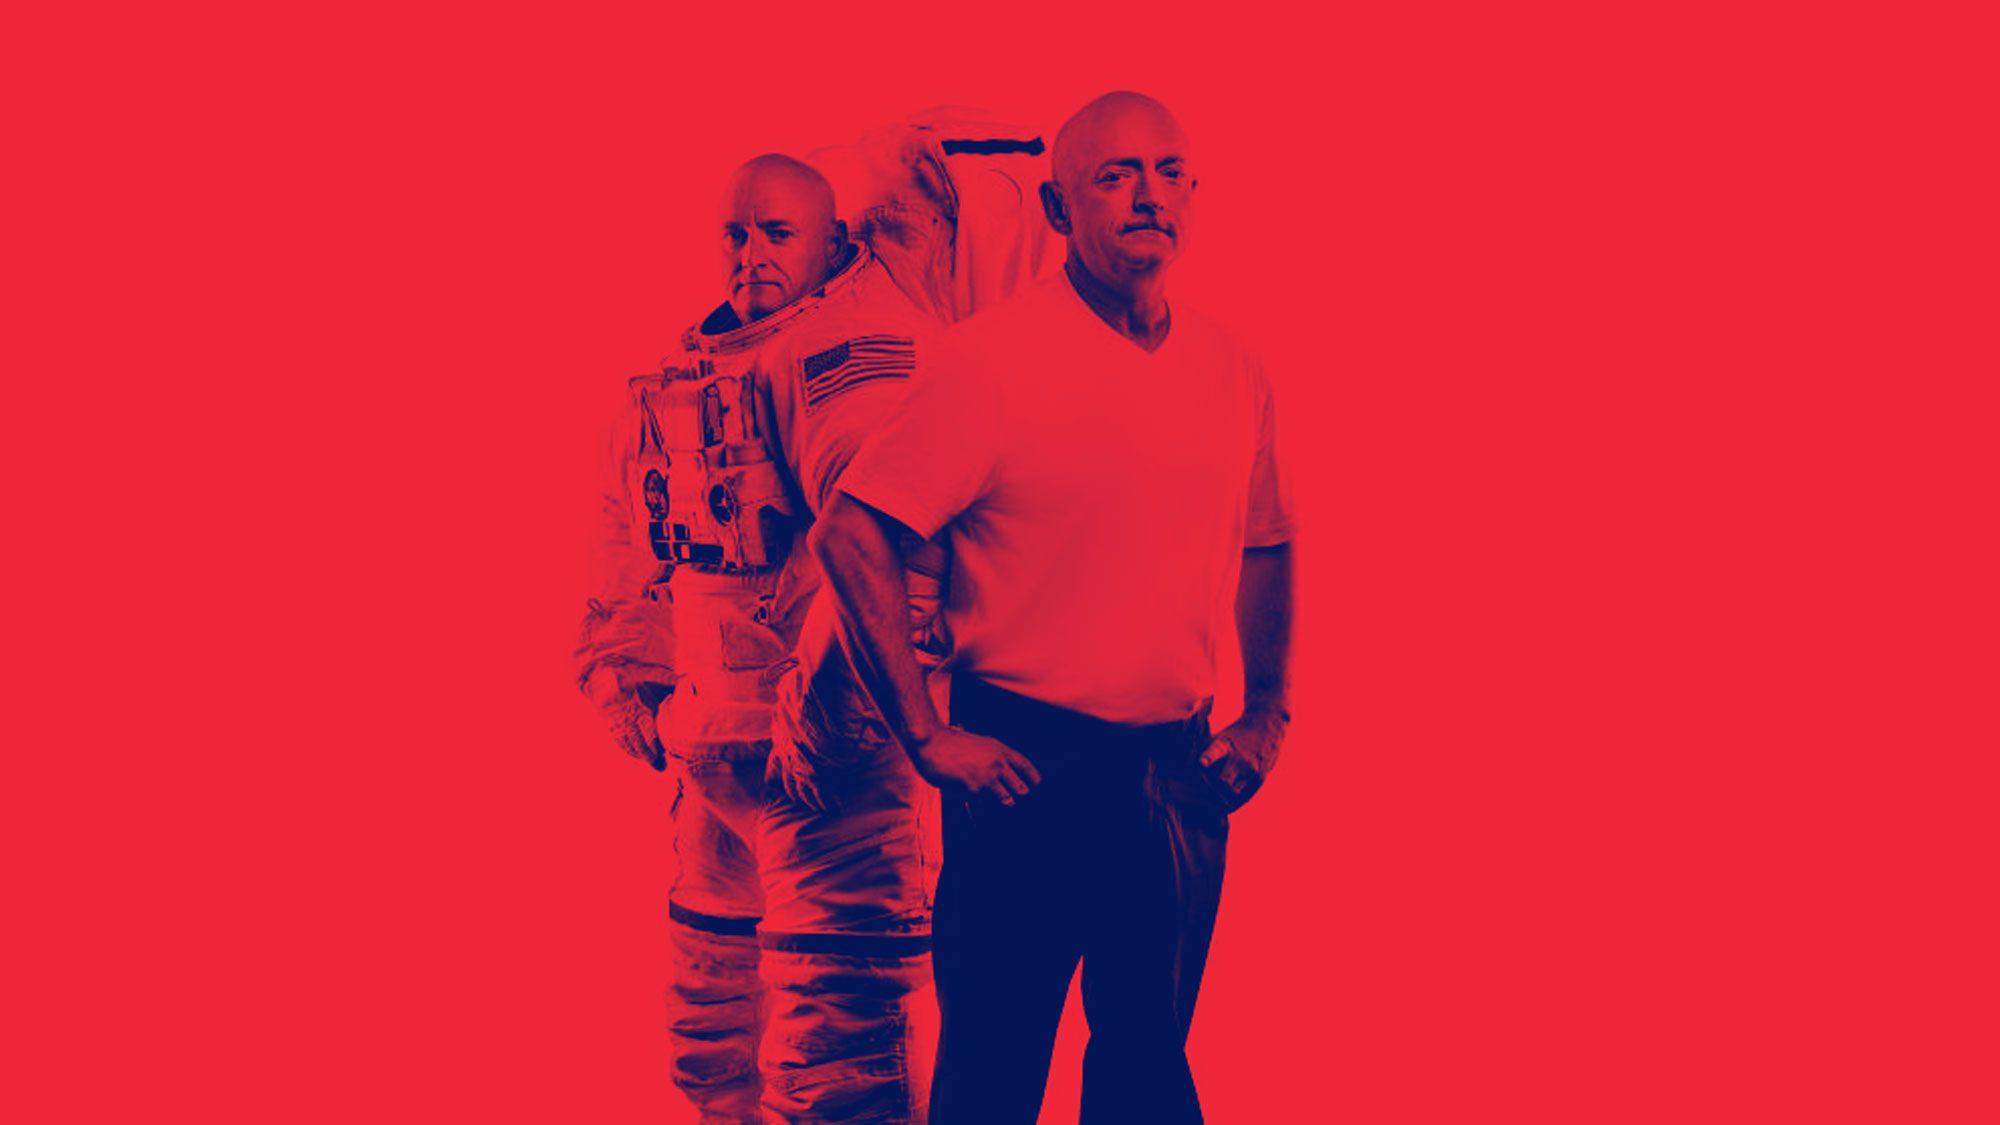 長期の宇宙滞在はどう影響? 双子飛行士から分かったこと